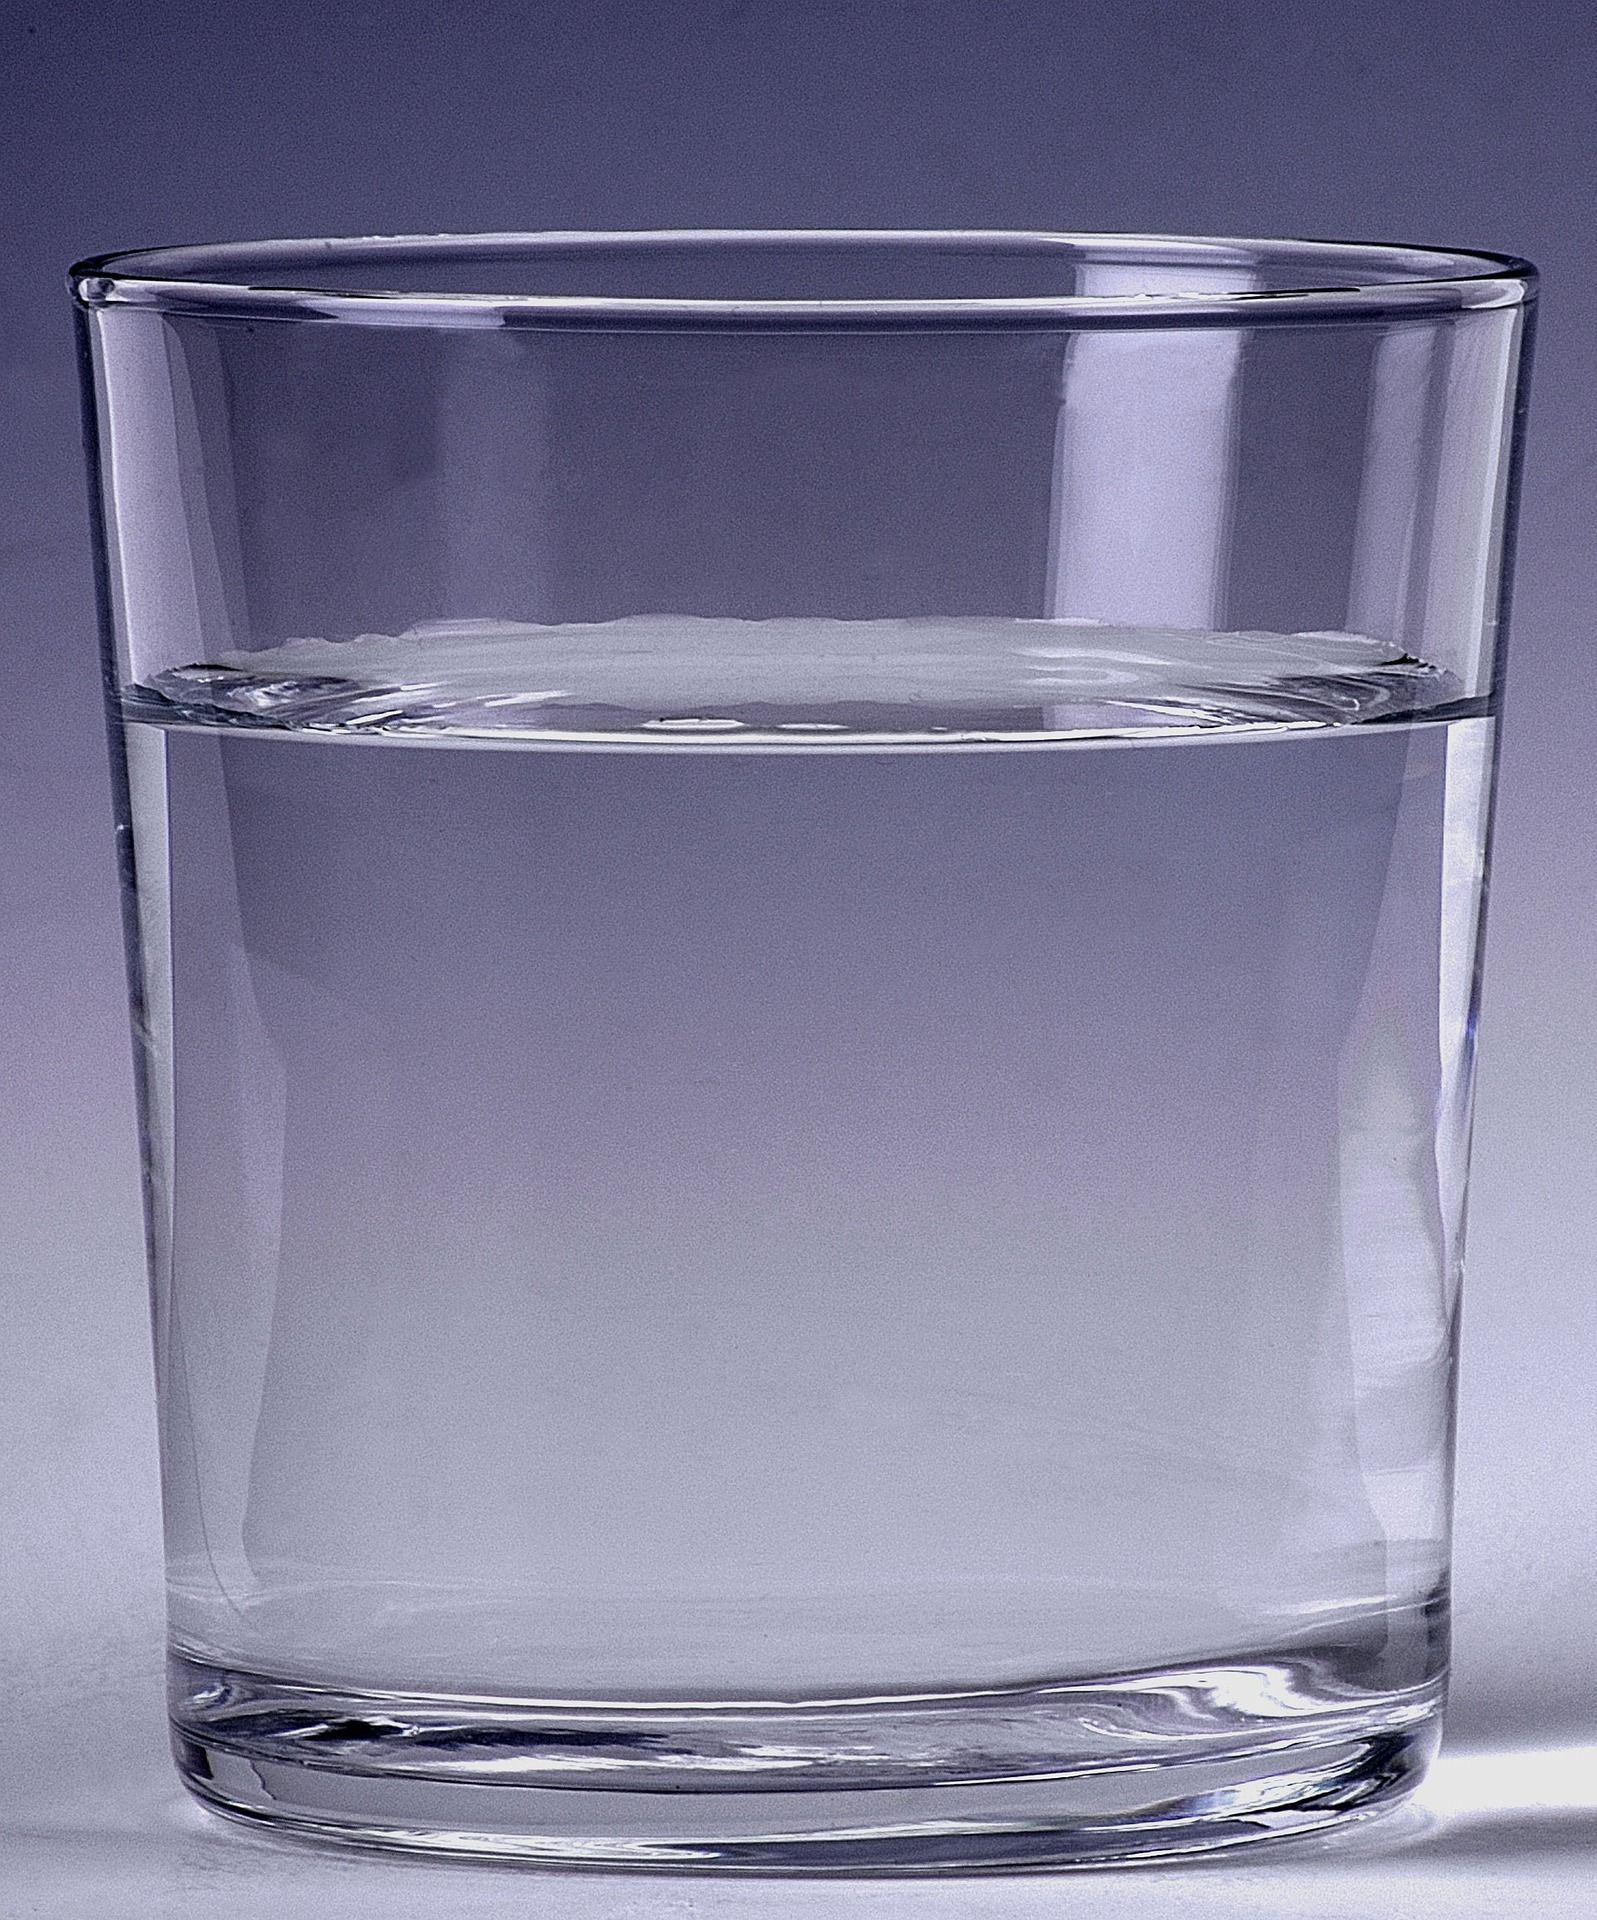 Ventajas de los vasos de policarbonato según Todovasos.top